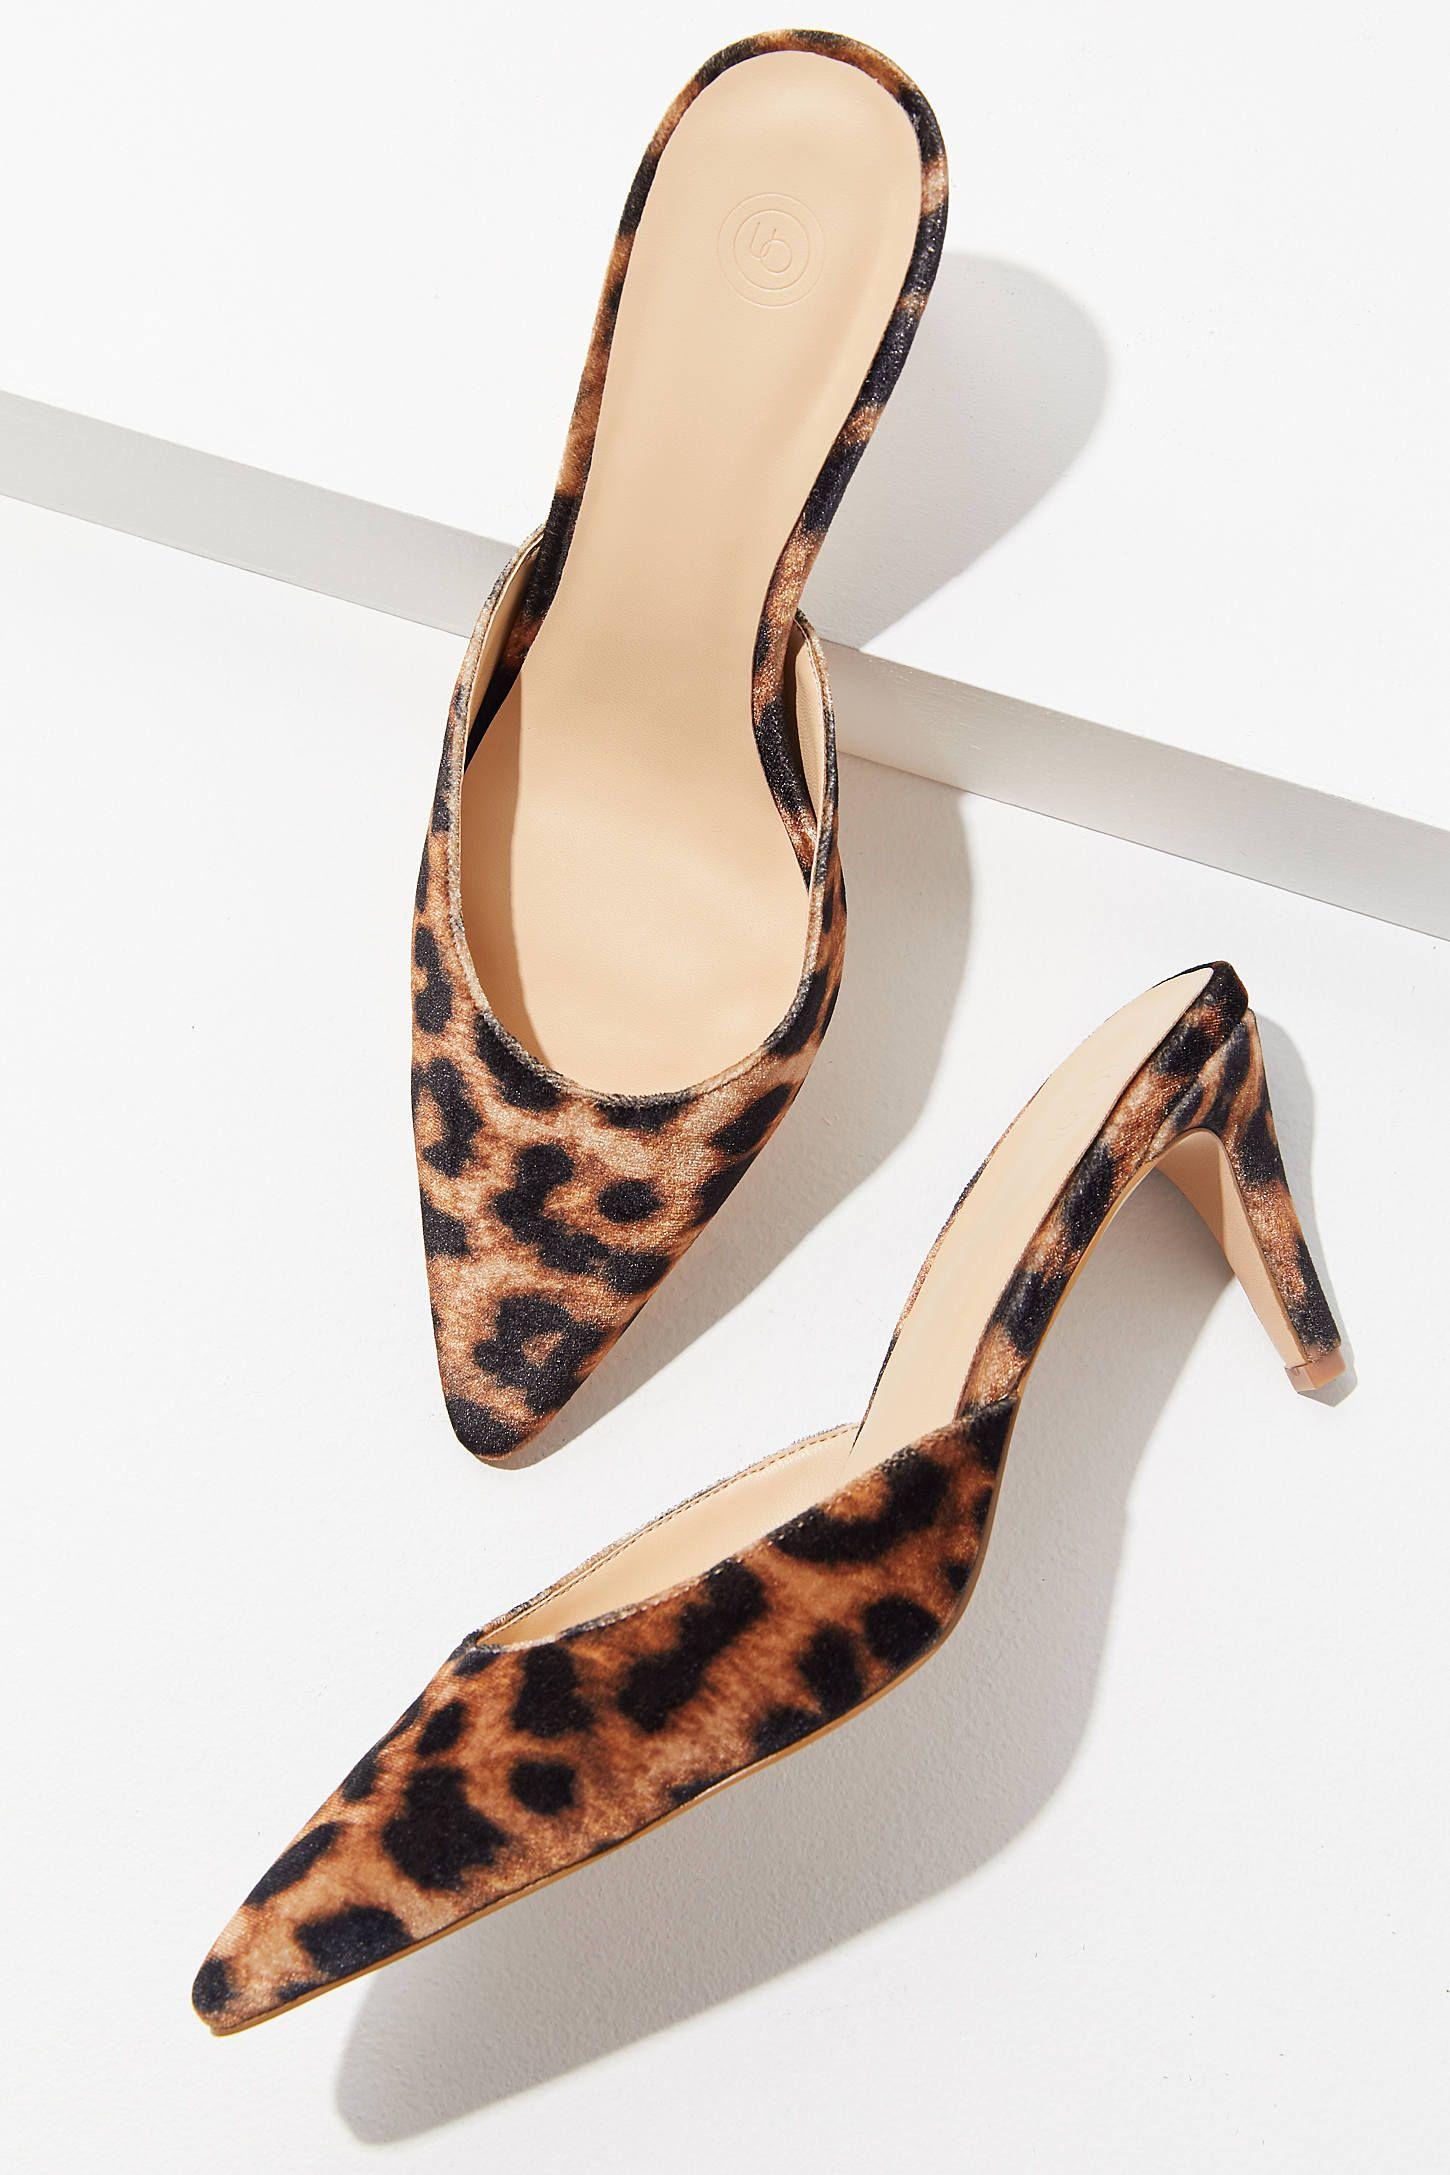 Uo Leopard Kitten Heel Mule Kitten Heels Heels Leopard Print Heels